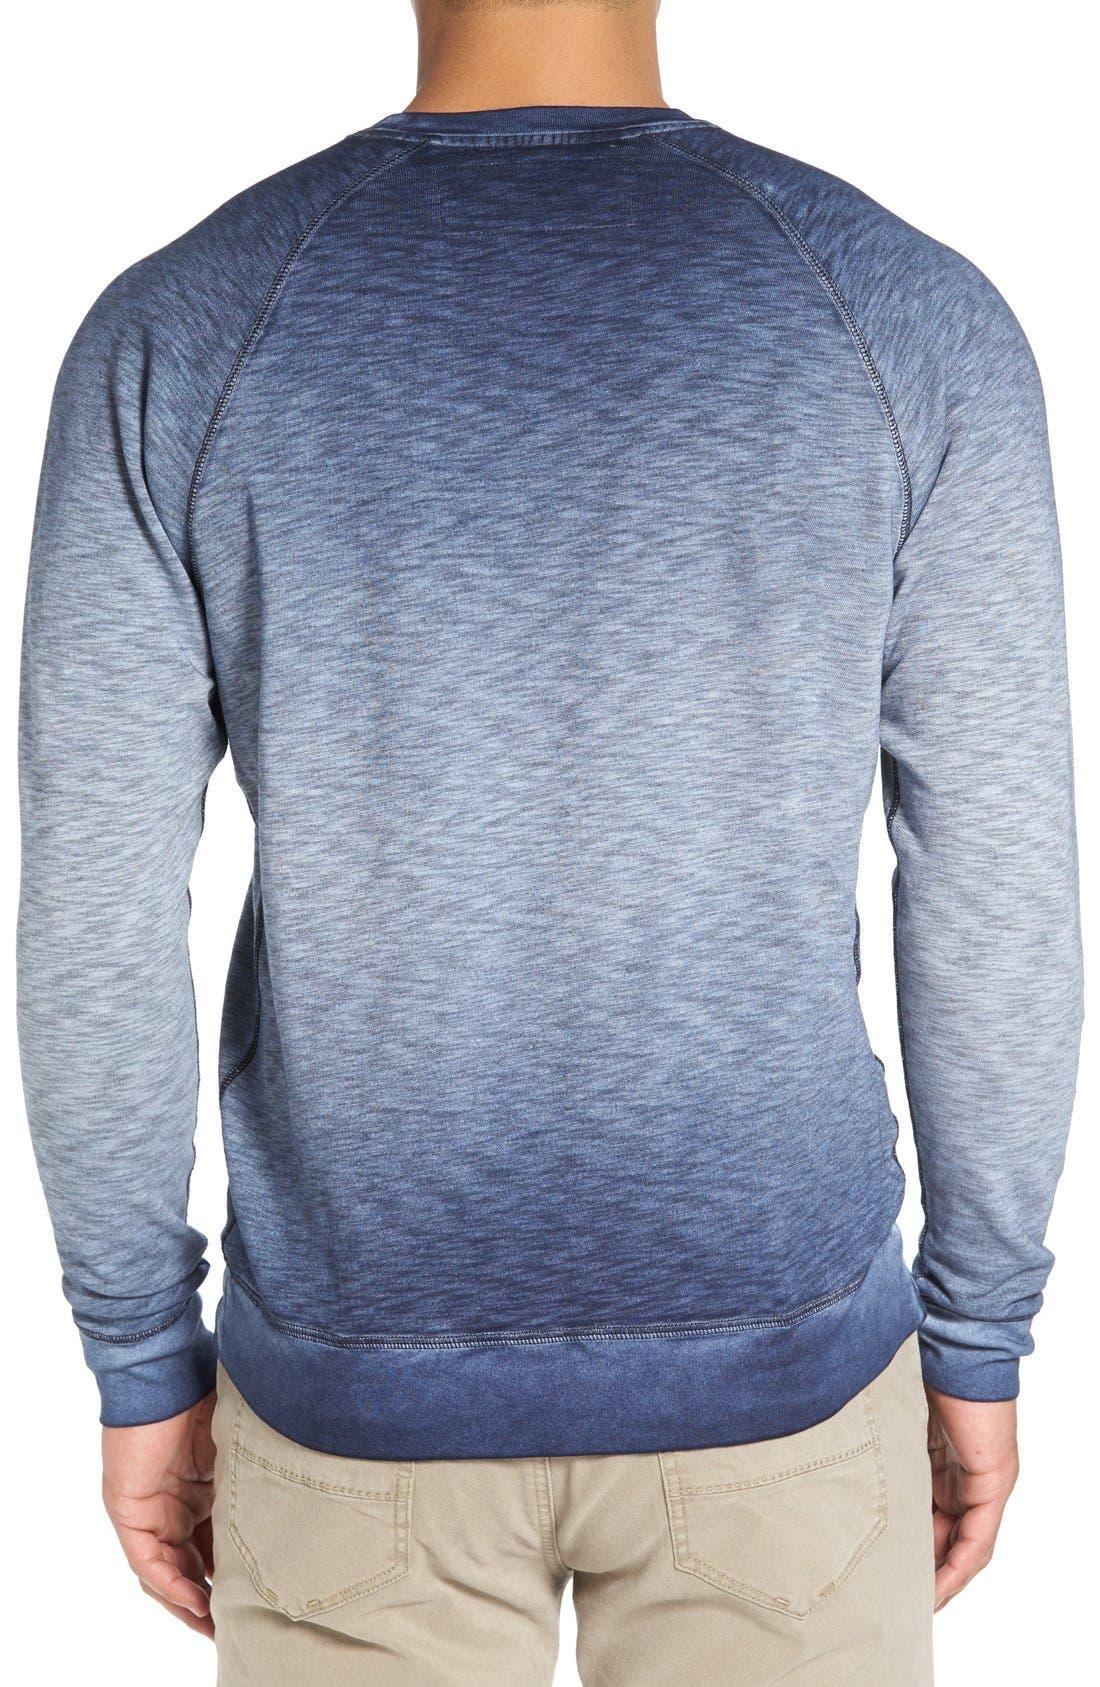 'Santiago' Ombré Crewneck Sweatshirt,                             Alternate thumbnail 2, color,